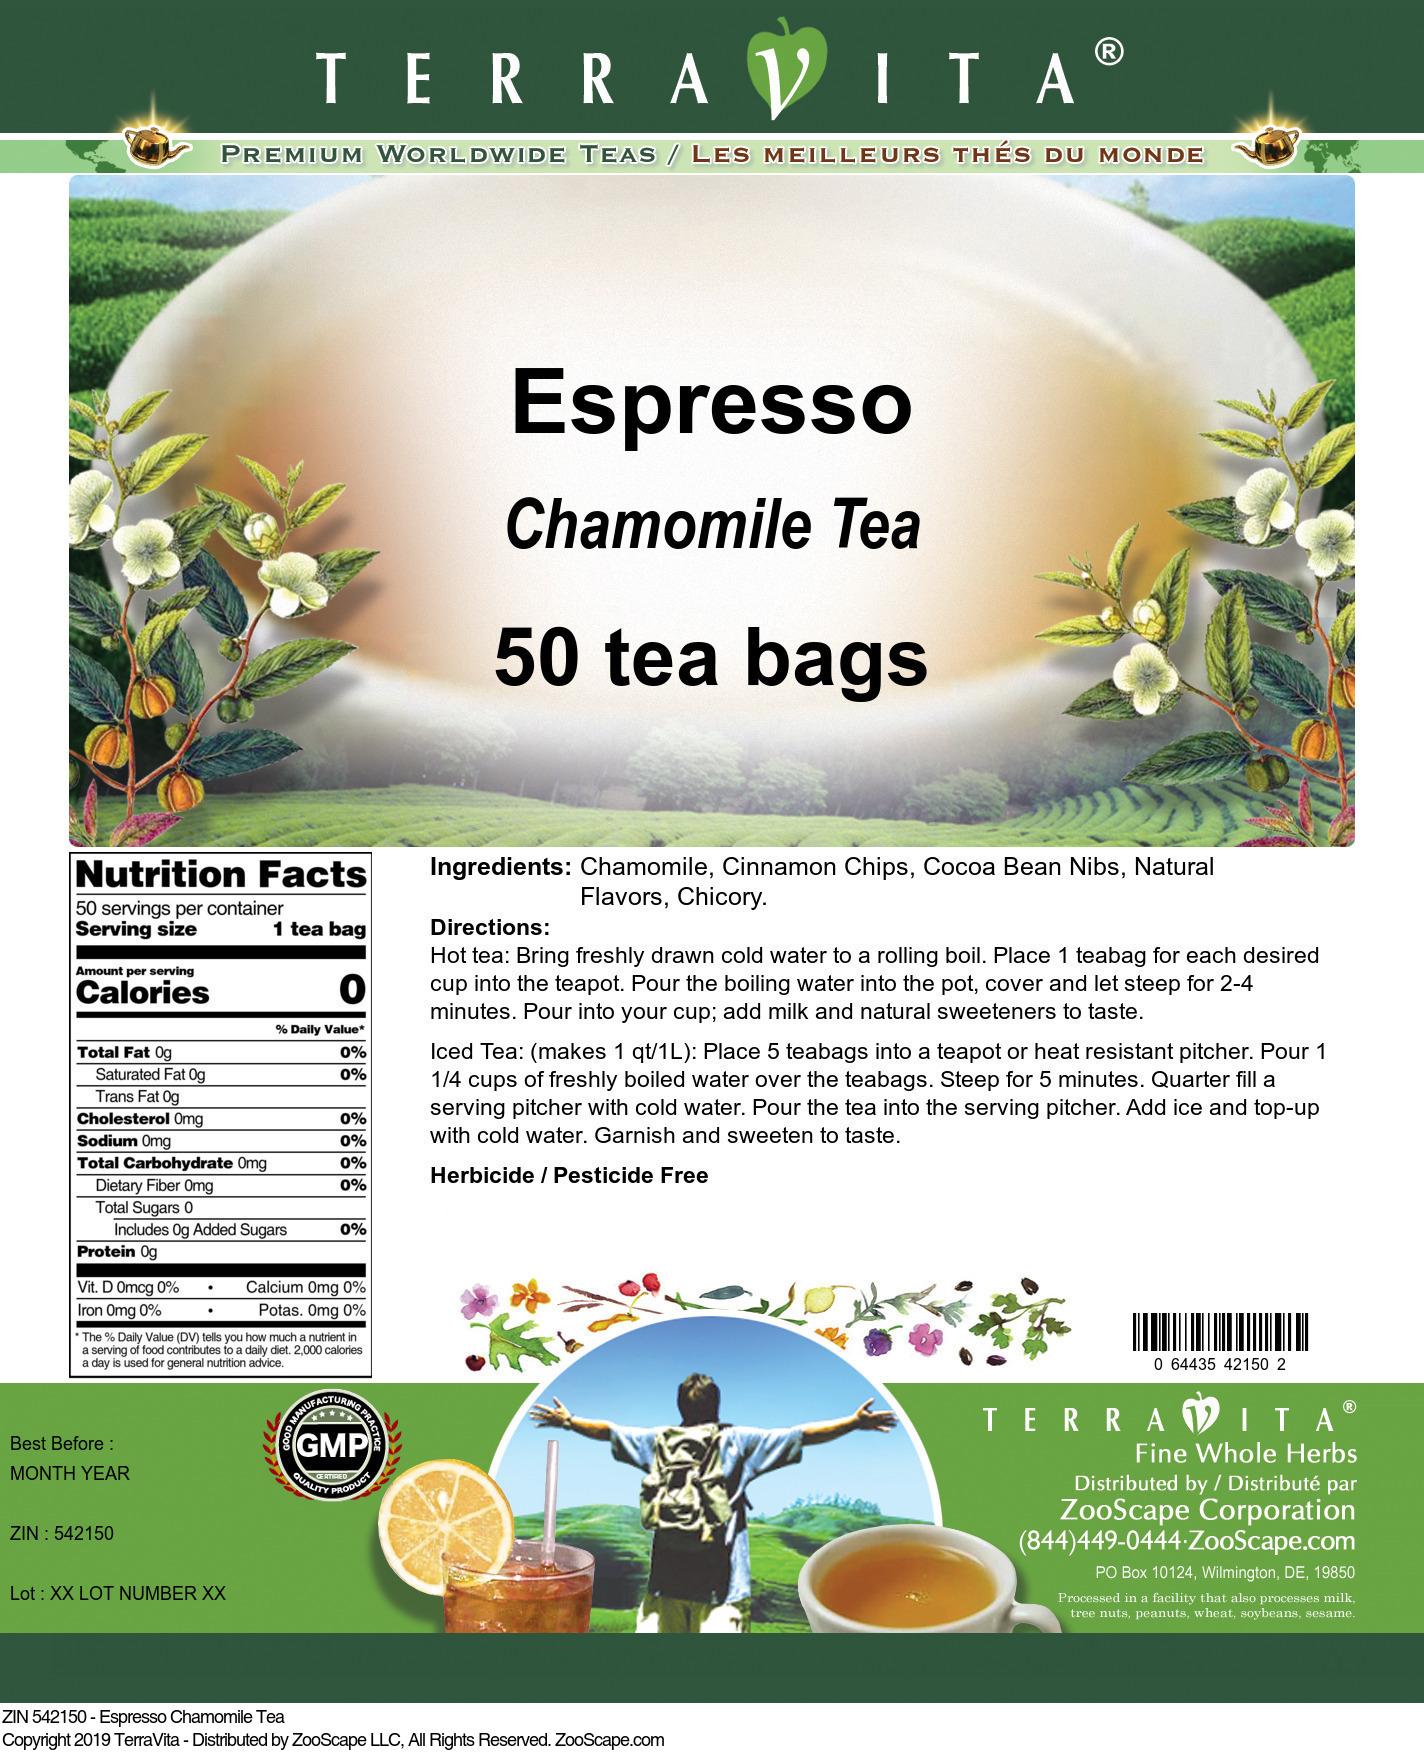 Espresso Chamomile Tea